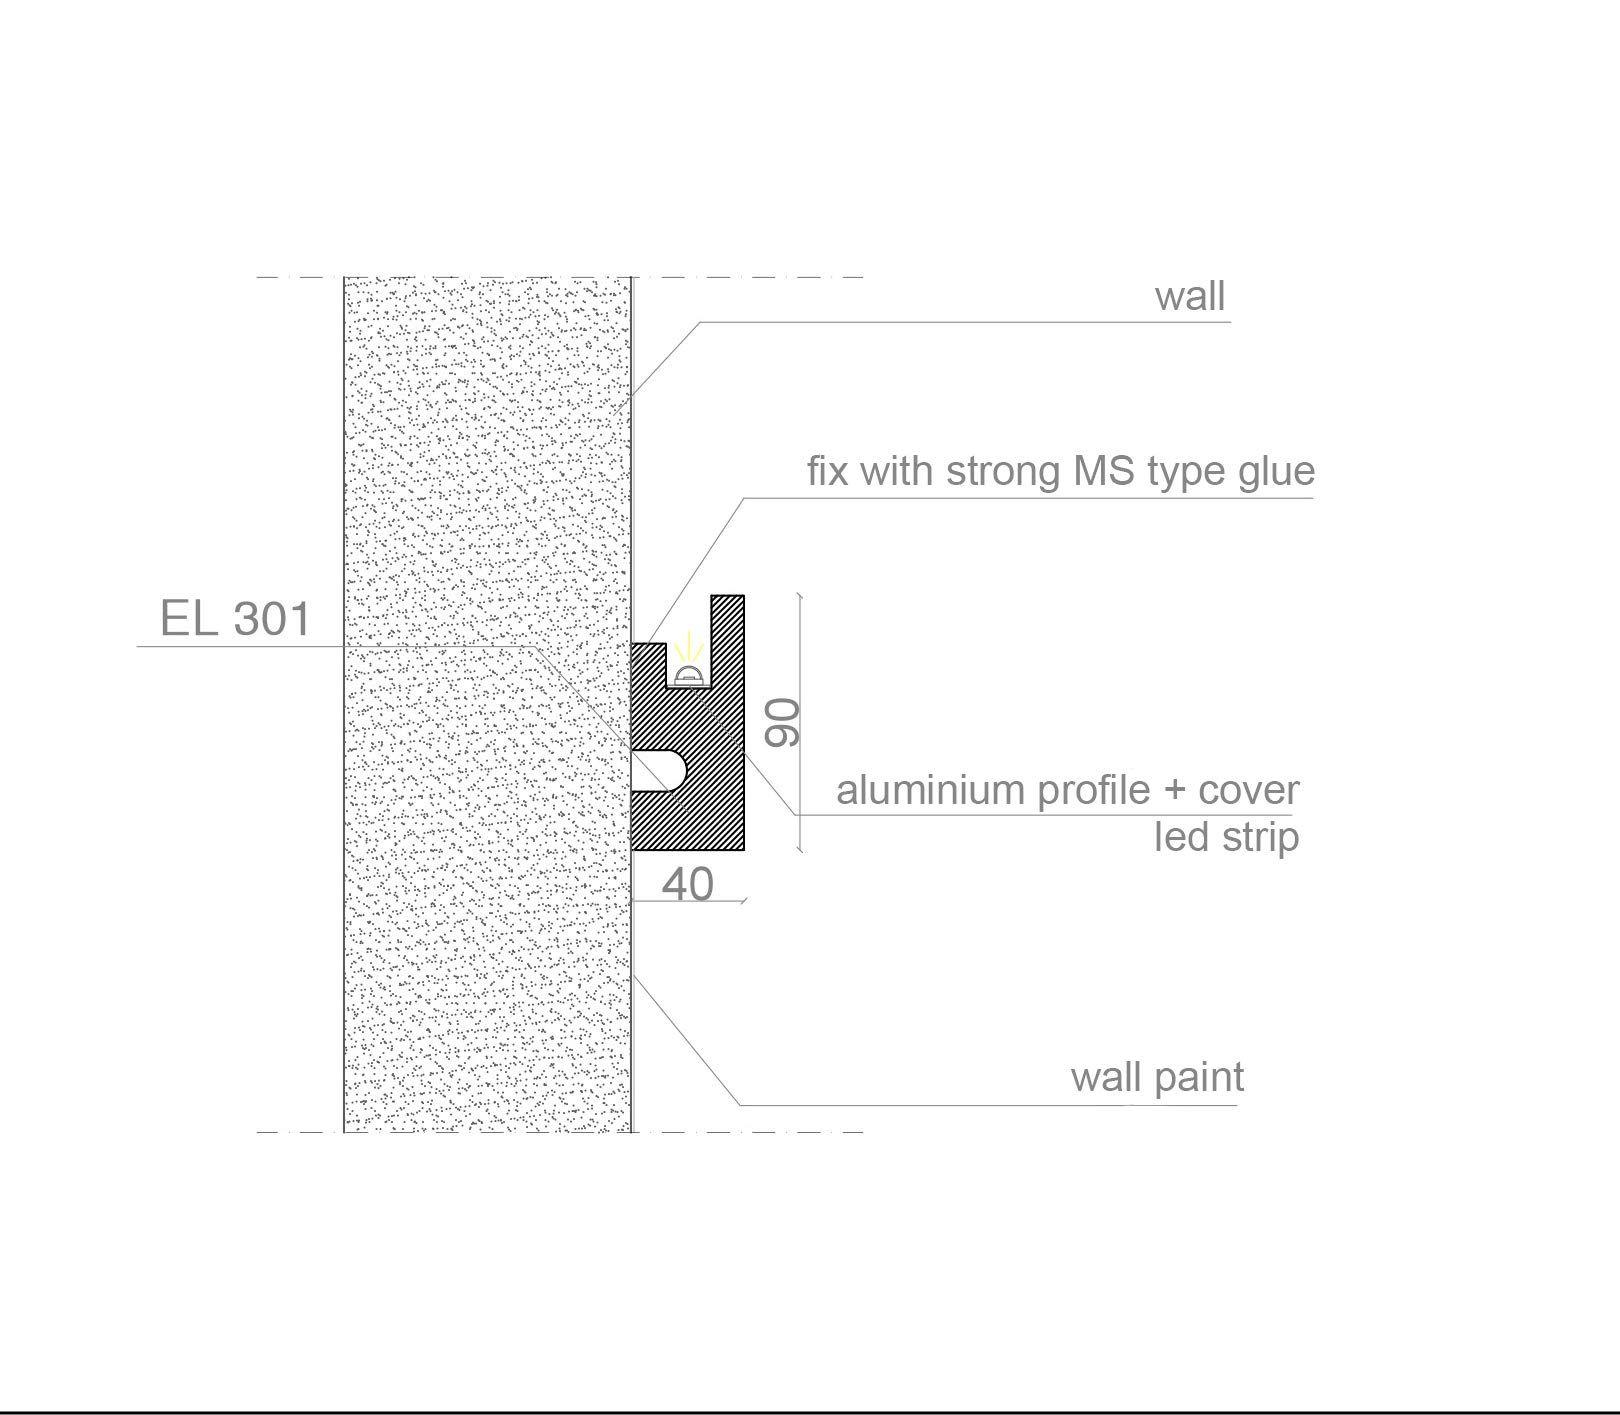 Stuckleiste Wandleiste Deckenleiste Lichtleiste Fur Indirekte Led Beleuchtung El301 Eleni Lighting Italy In 2020 Led Beleuchtung Beleuchtung Indirekte Beleuchtung